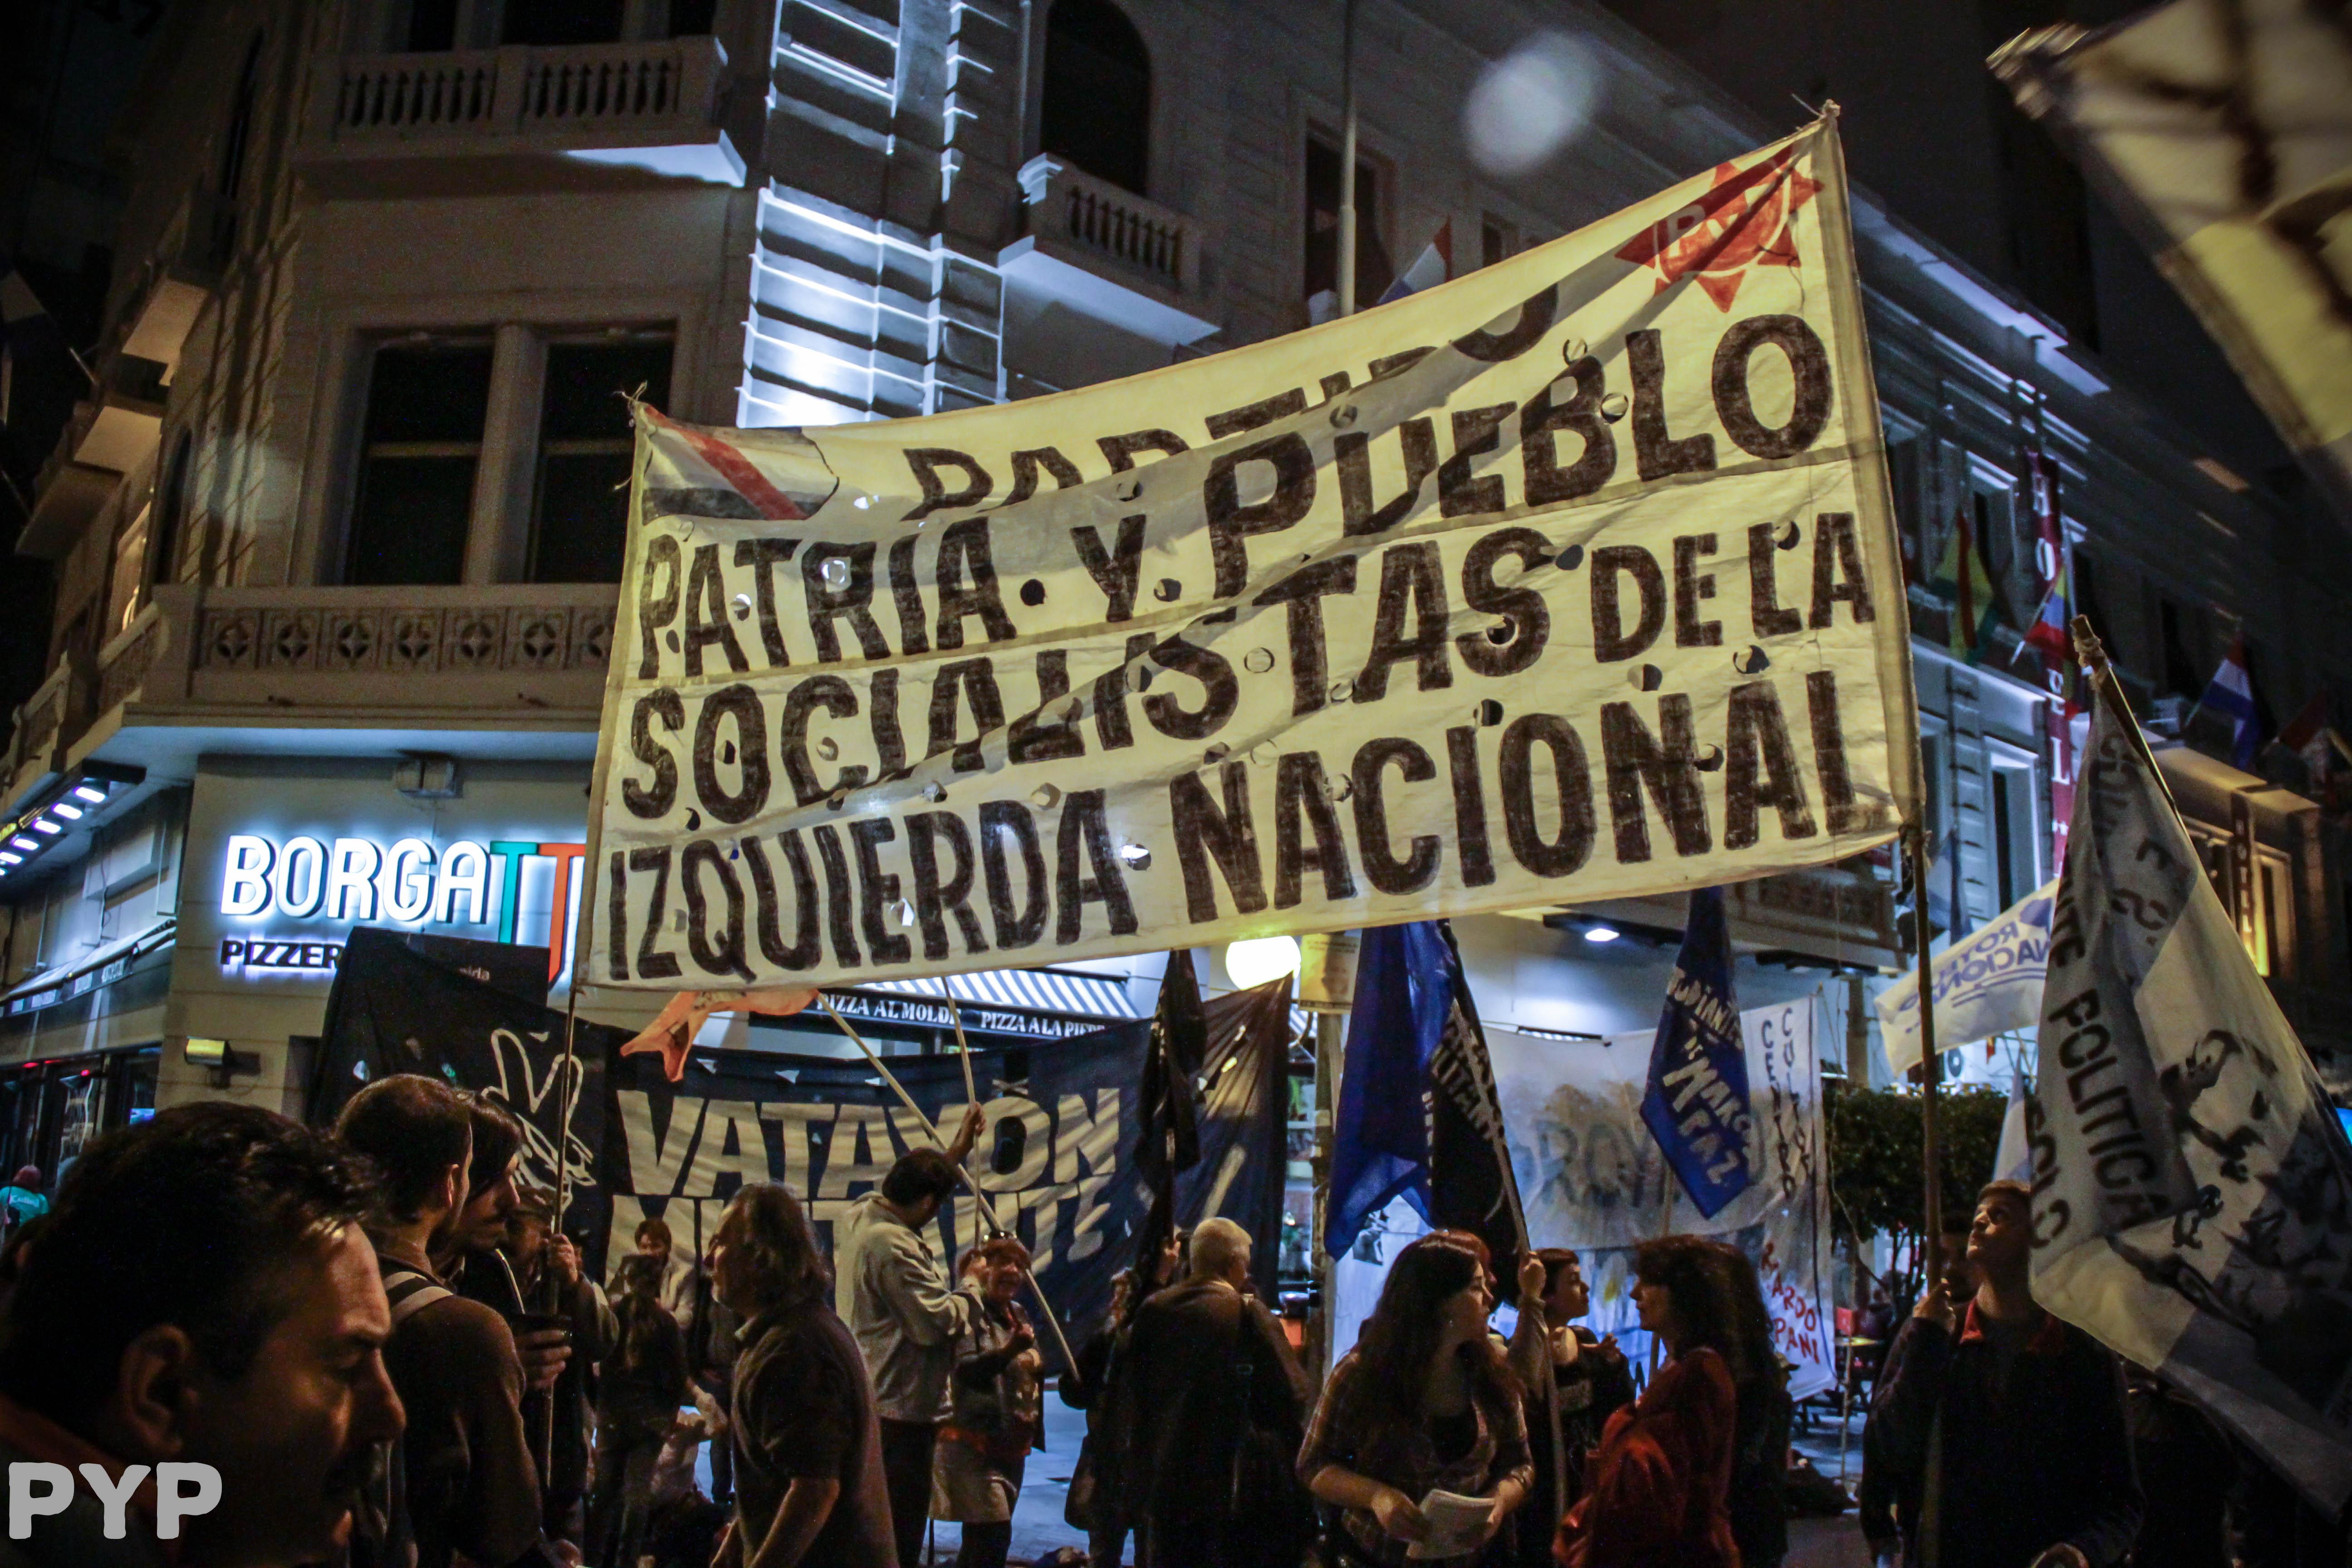 Patria y Pueblo - Izquierda Nacional